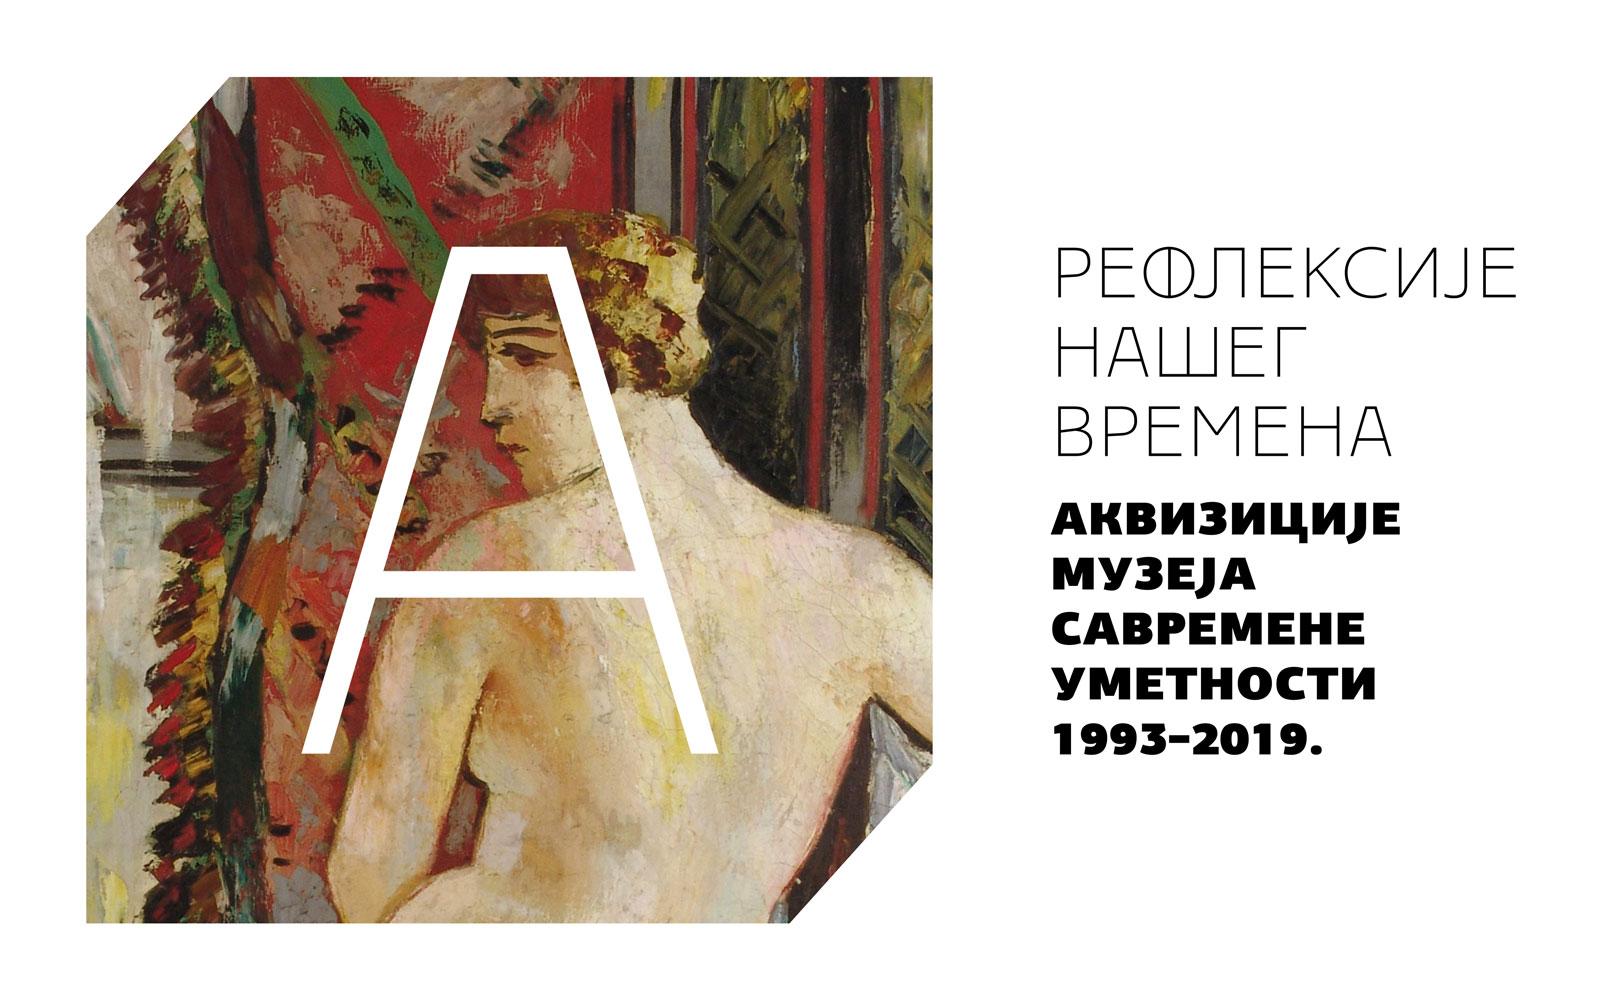 """НАЈАВА: Изложба """"Рефлексије нашег времена: Аквизиције Музеја савремене уметности 1993–2019."""""""